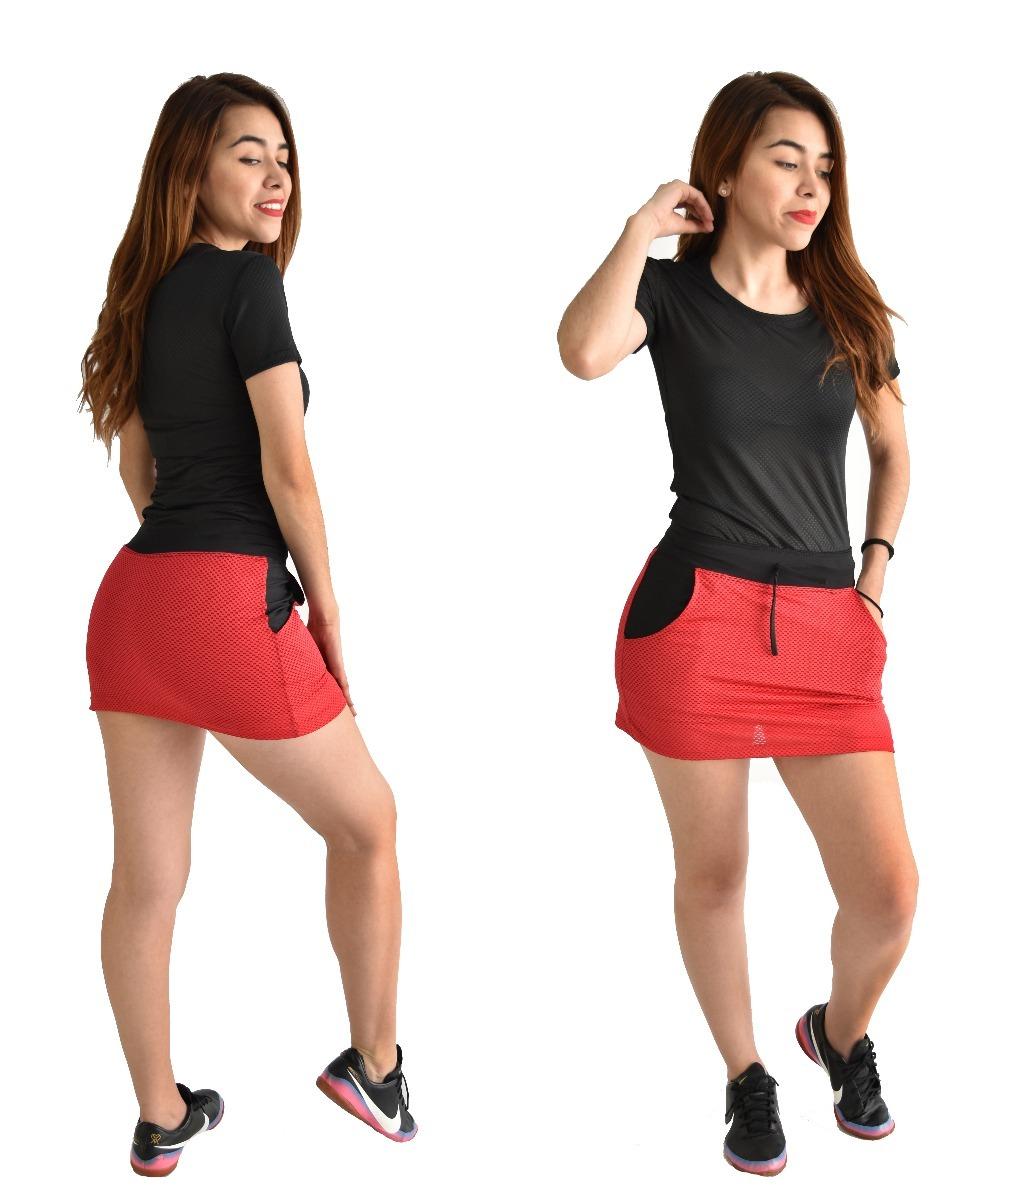 calidad asombrosa precio justo comprar popular Falda Short Deportivo Ropa Mujer Sport Correr Rojo 21214140